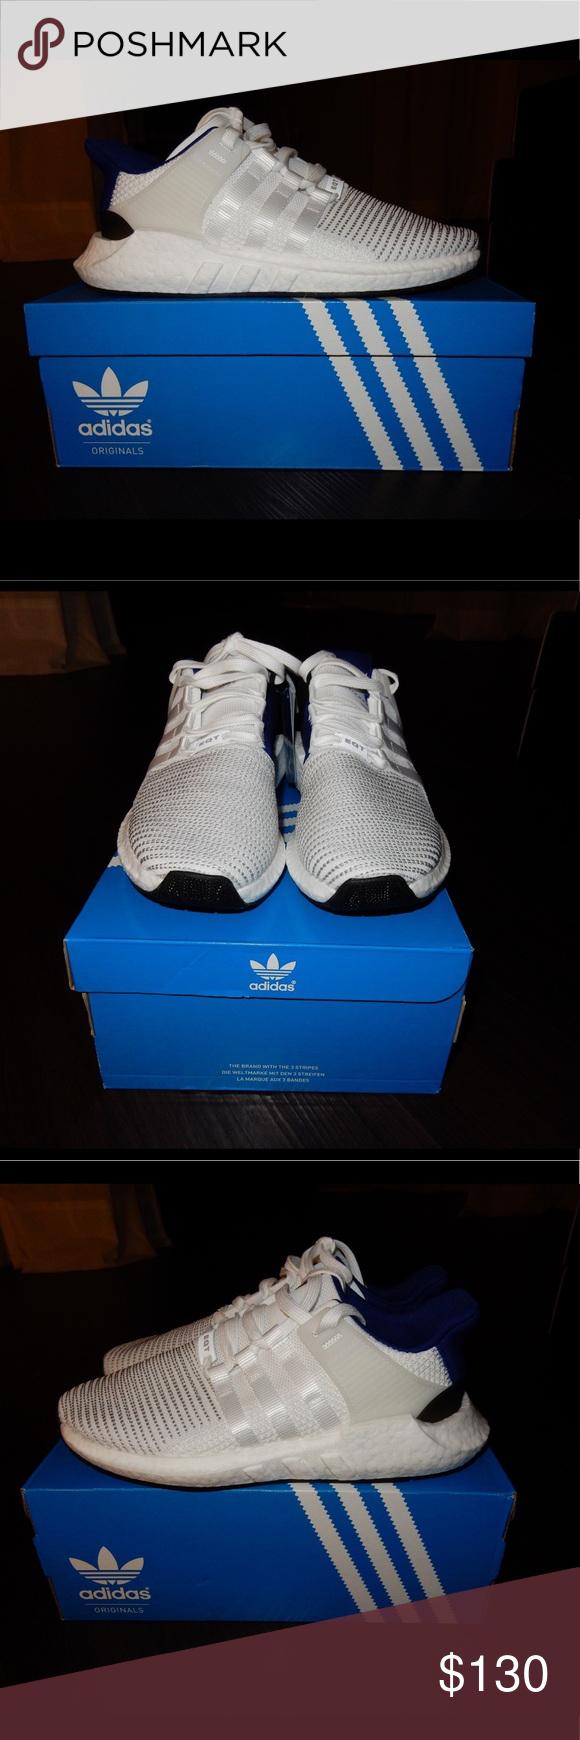 Adidas EQT Support 93 / 17 nueva marca Royal AZUL & blanco hombre :